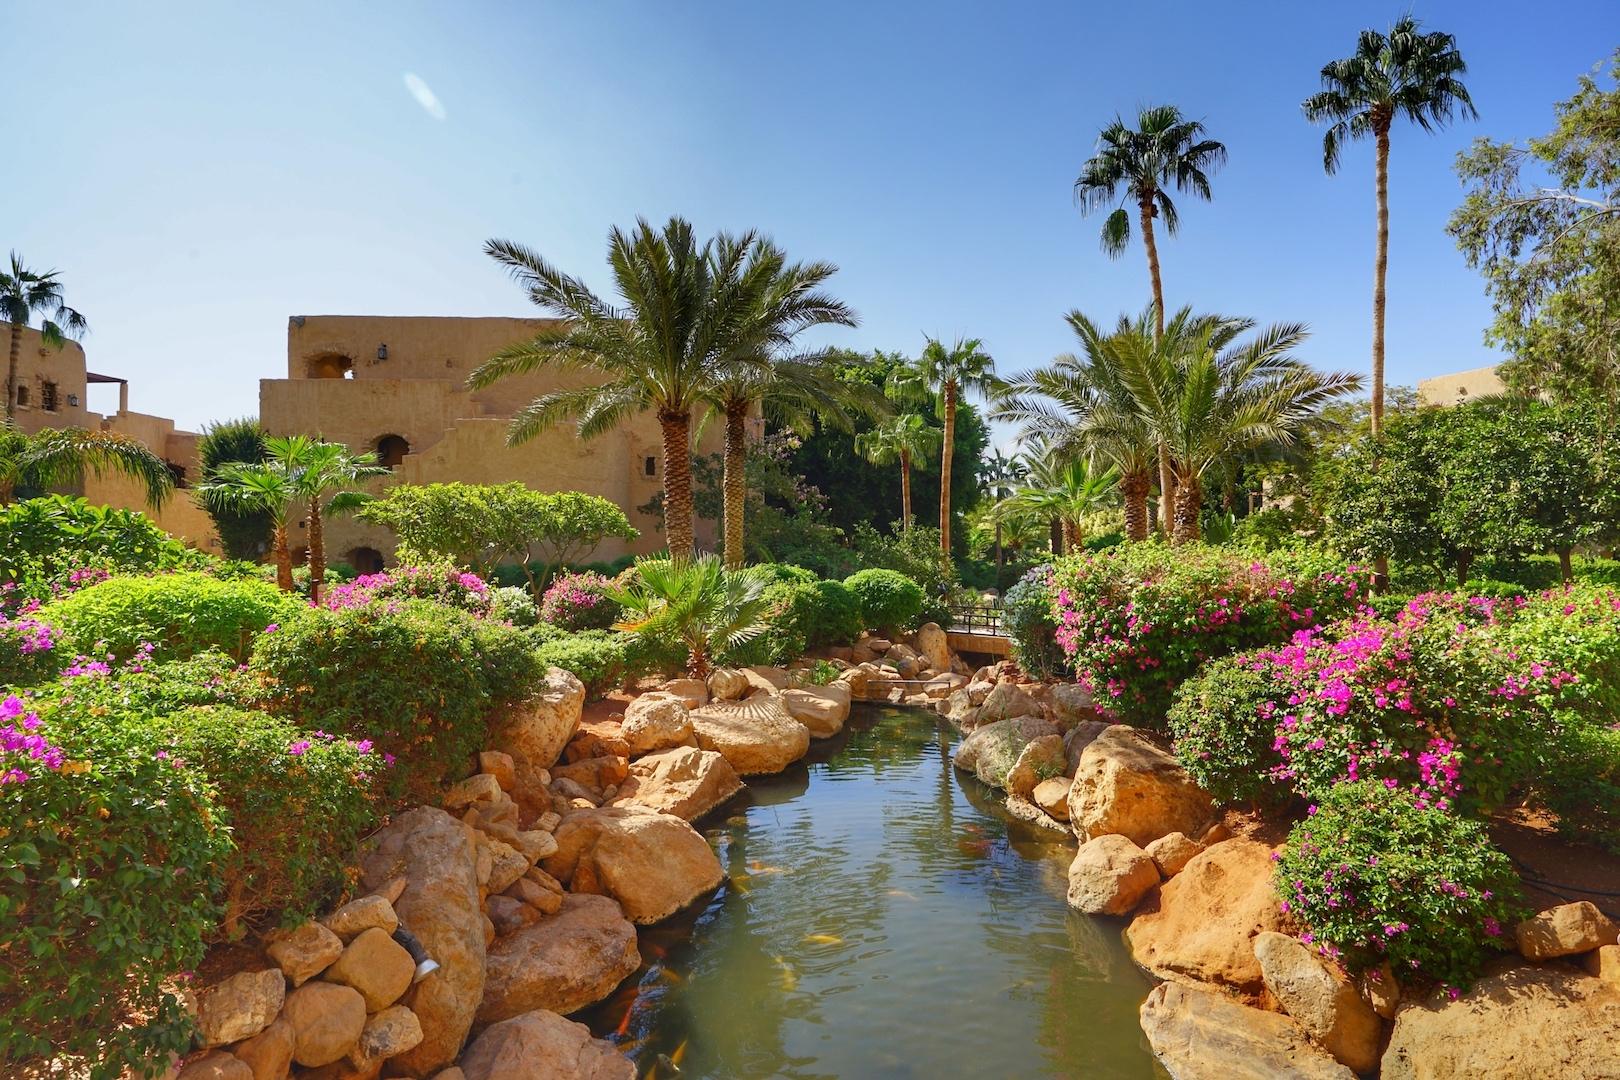 Bis zum Ufer des Toten Meeres liegt dem Palast ein üppiger Garten zu Füßen